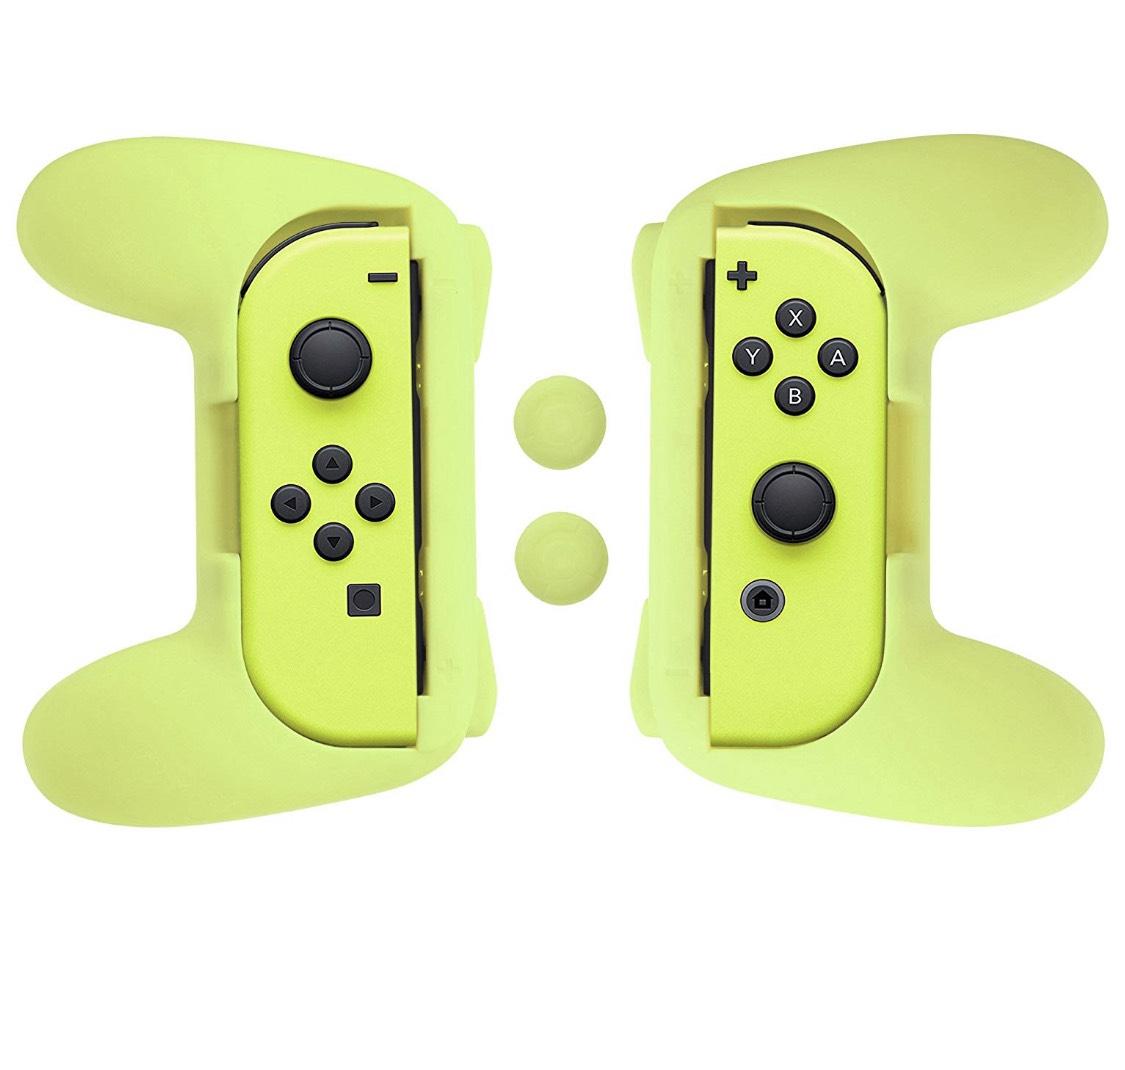 Nintendo Switch Joy Con Controller Adapter